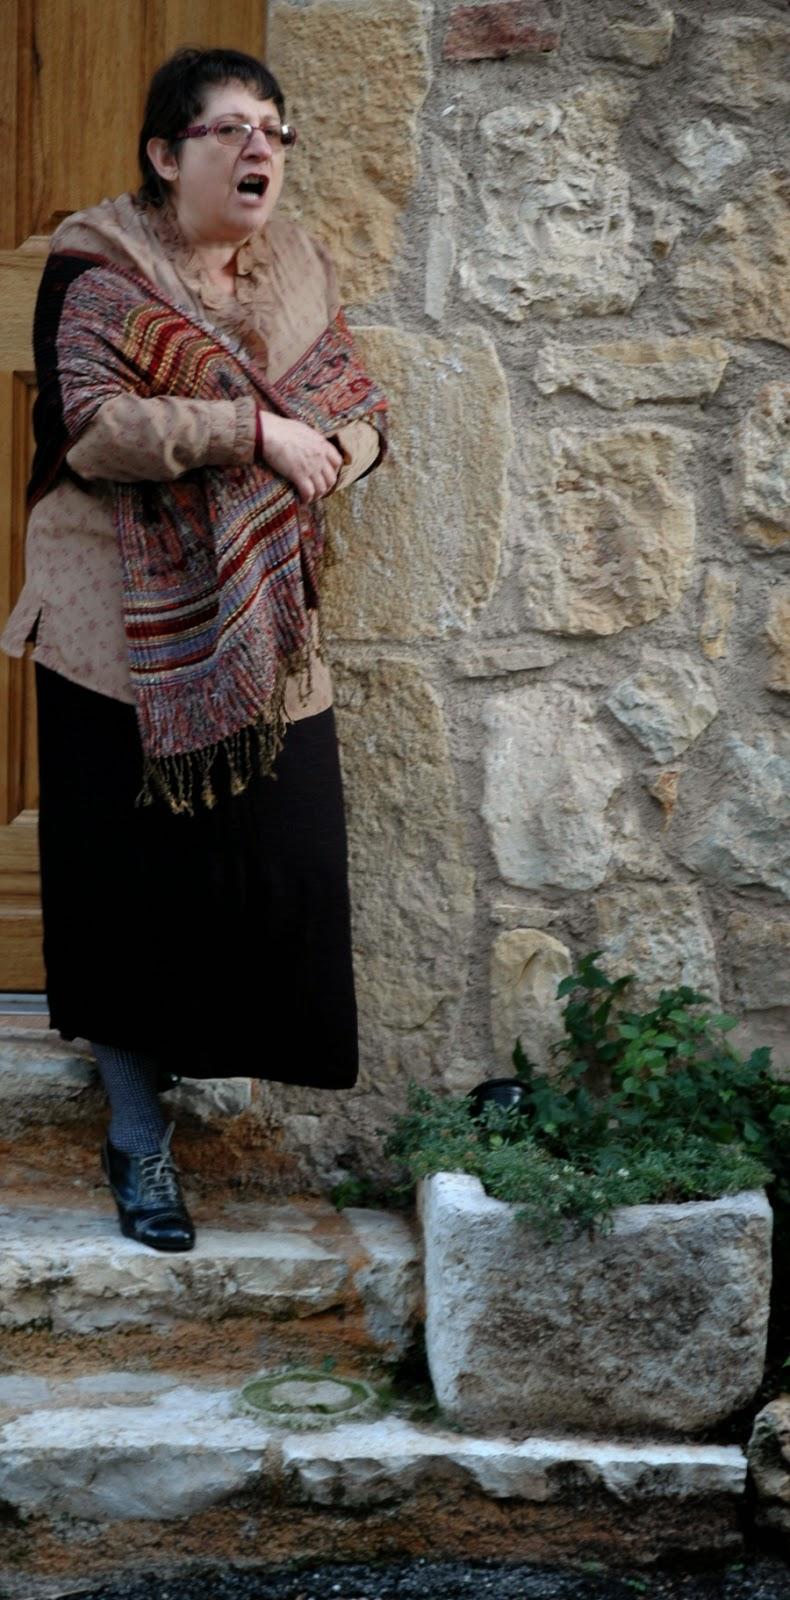 Angèle (Graziella) : J'aime pas quand les hommes se mettent à aboyer comme les chiens avant la battue !